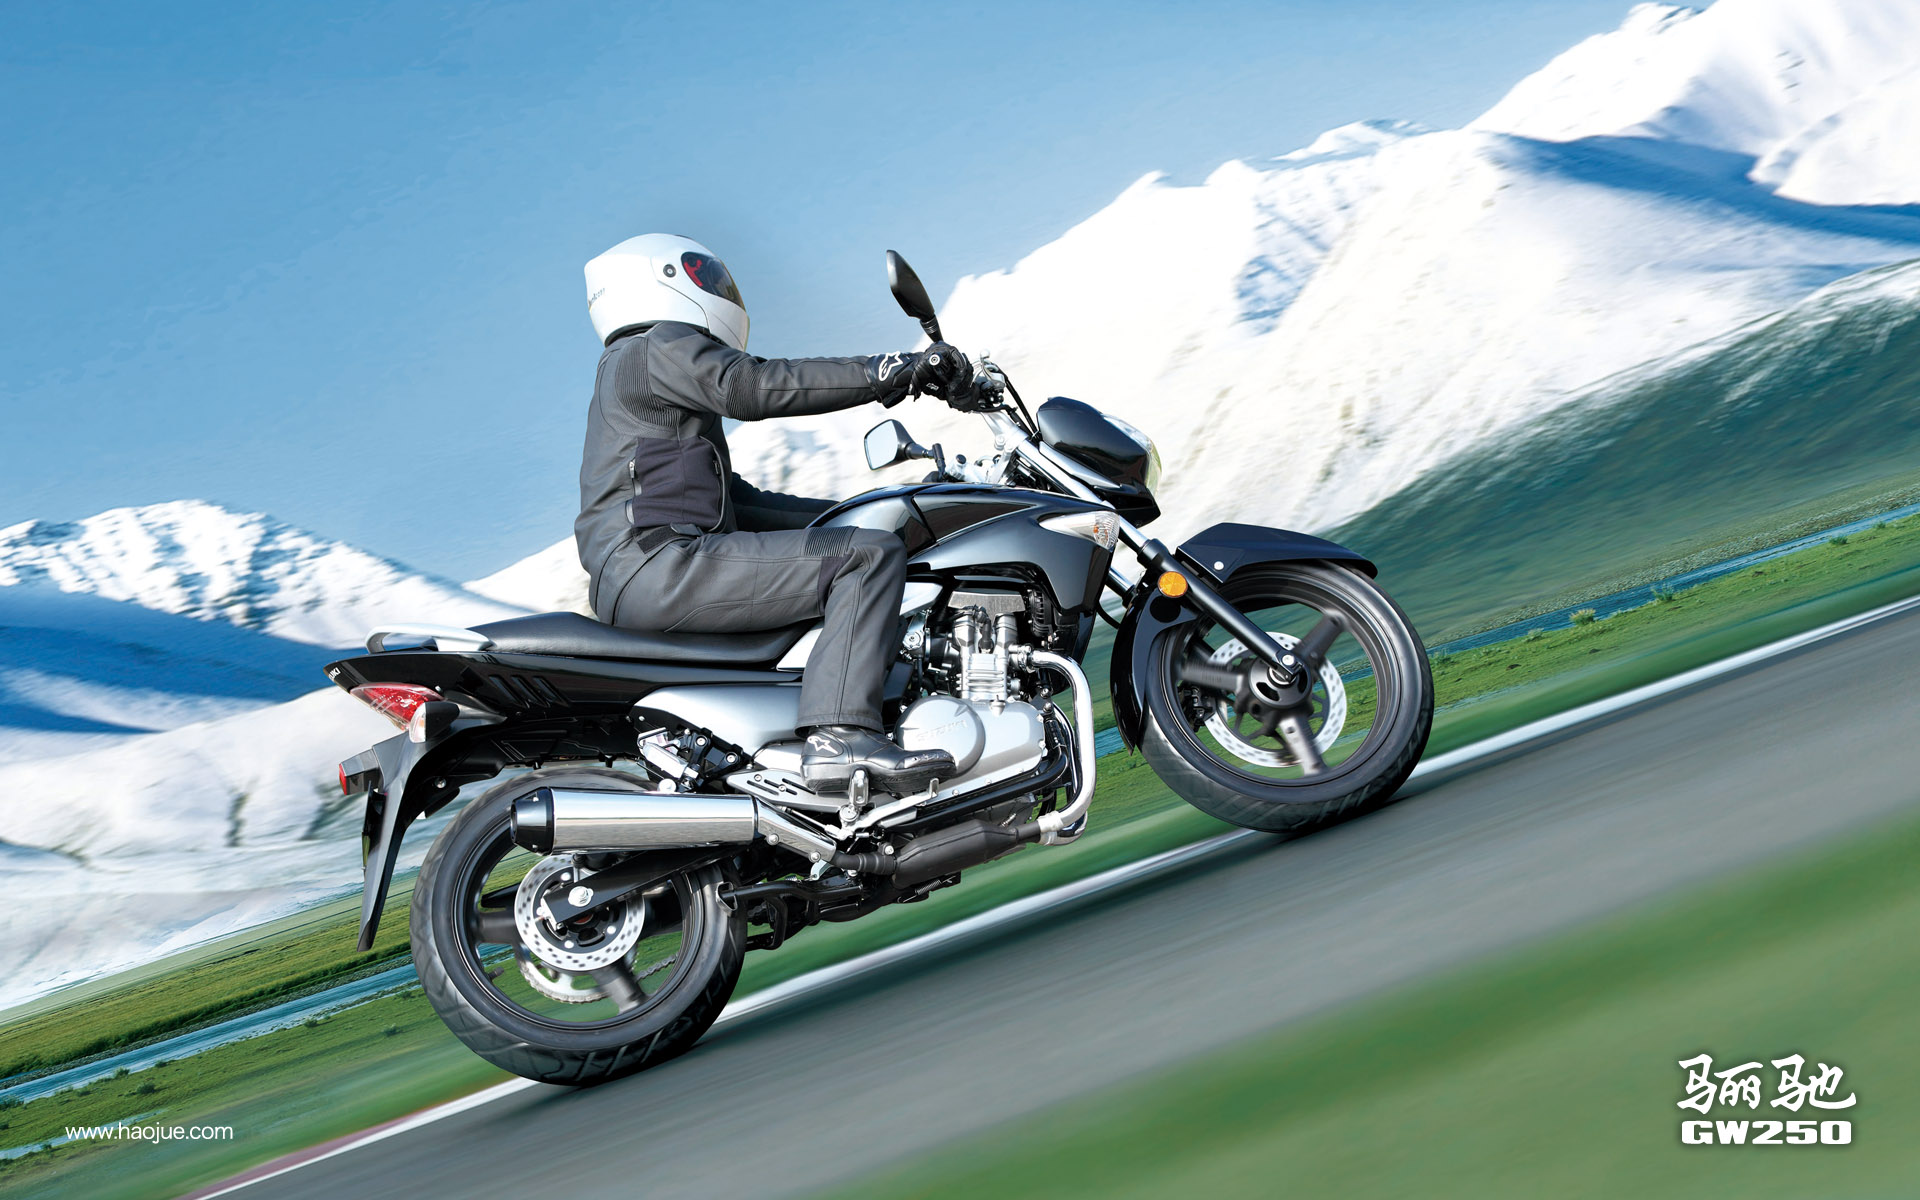 豪爵铃木 骊驰gw250 摩托车配置